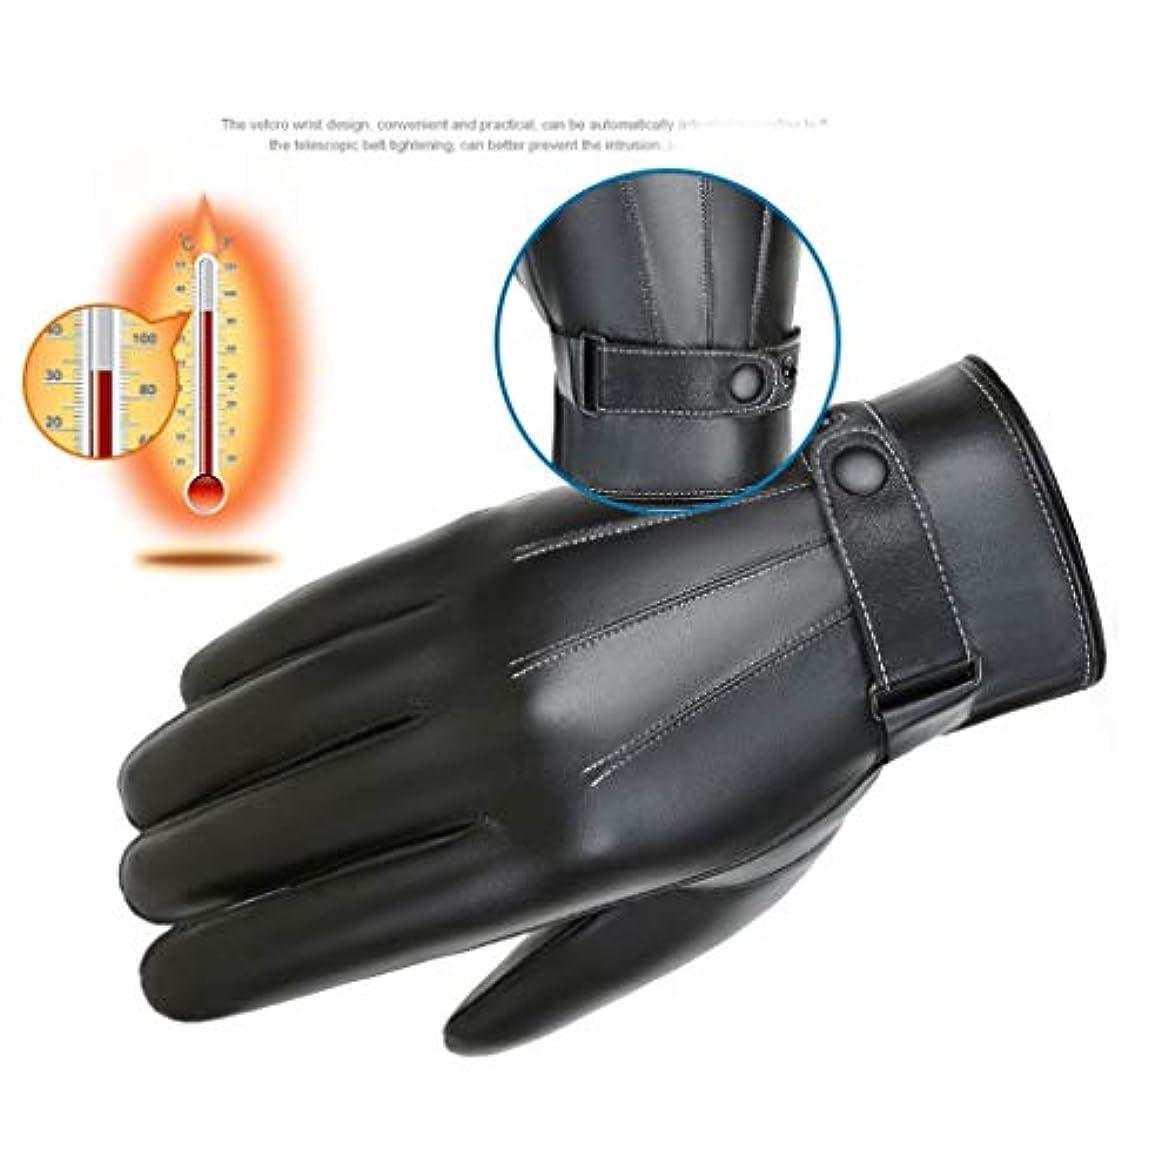 油知覚的アルミニウムタッチスクリーンのメンズグローブ冬プラスベルベット厚い暖かい防風防水ライドバイクバイクの乗り物の手袋